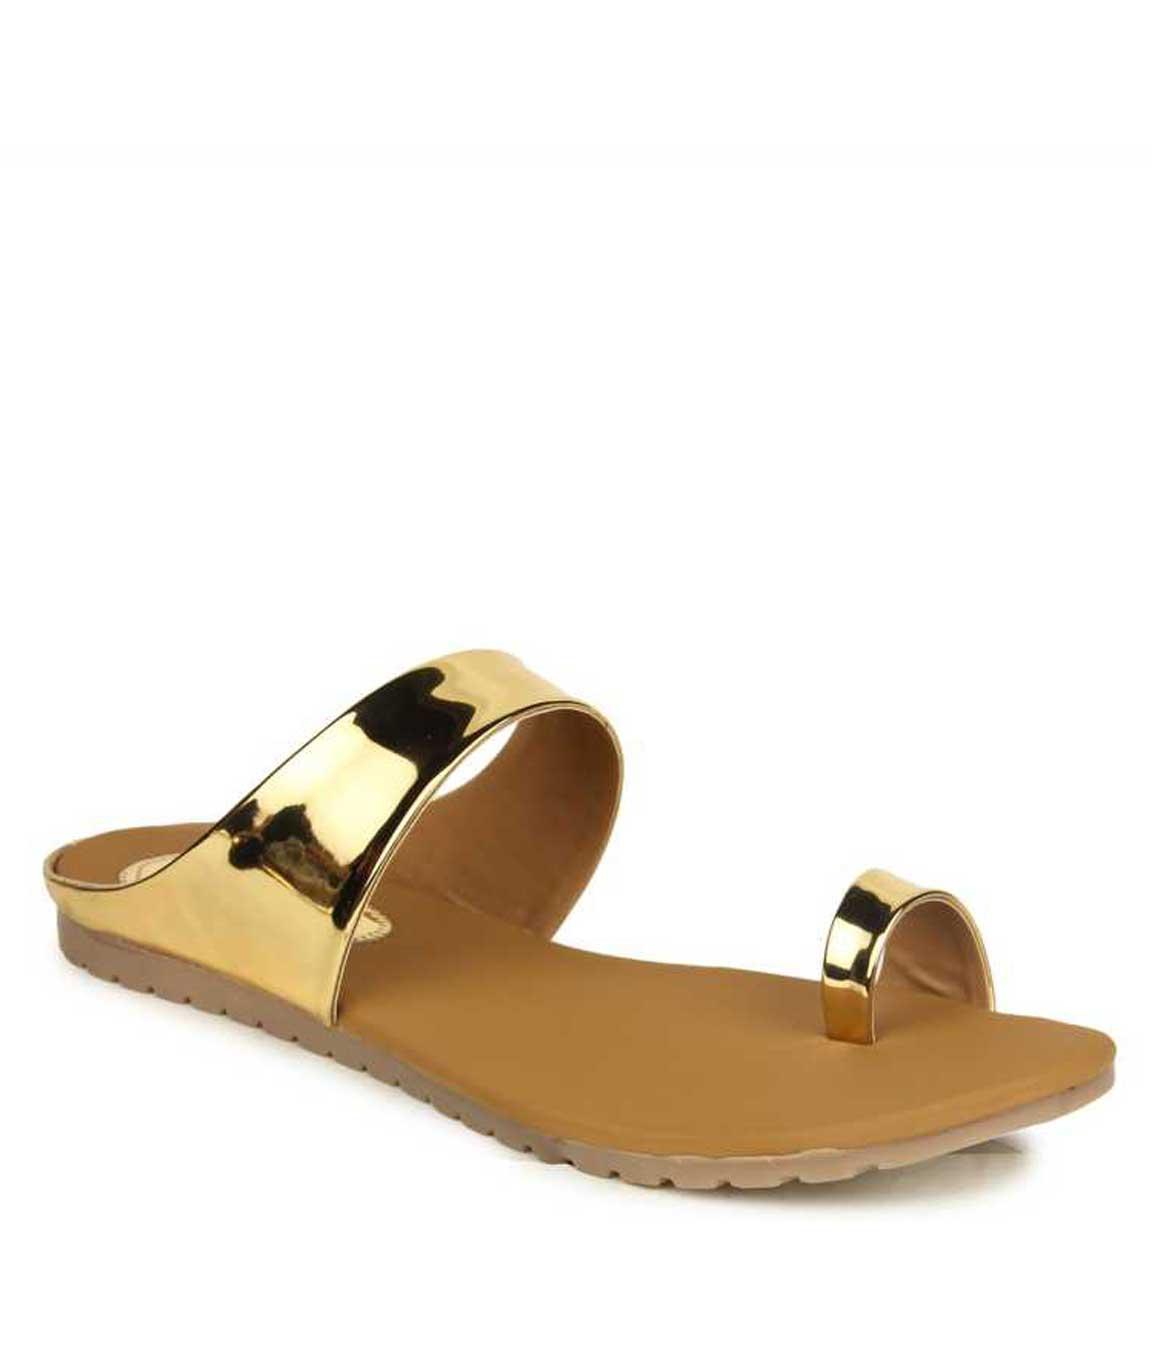 WOMEN GOLD SLIP-ON FLATS